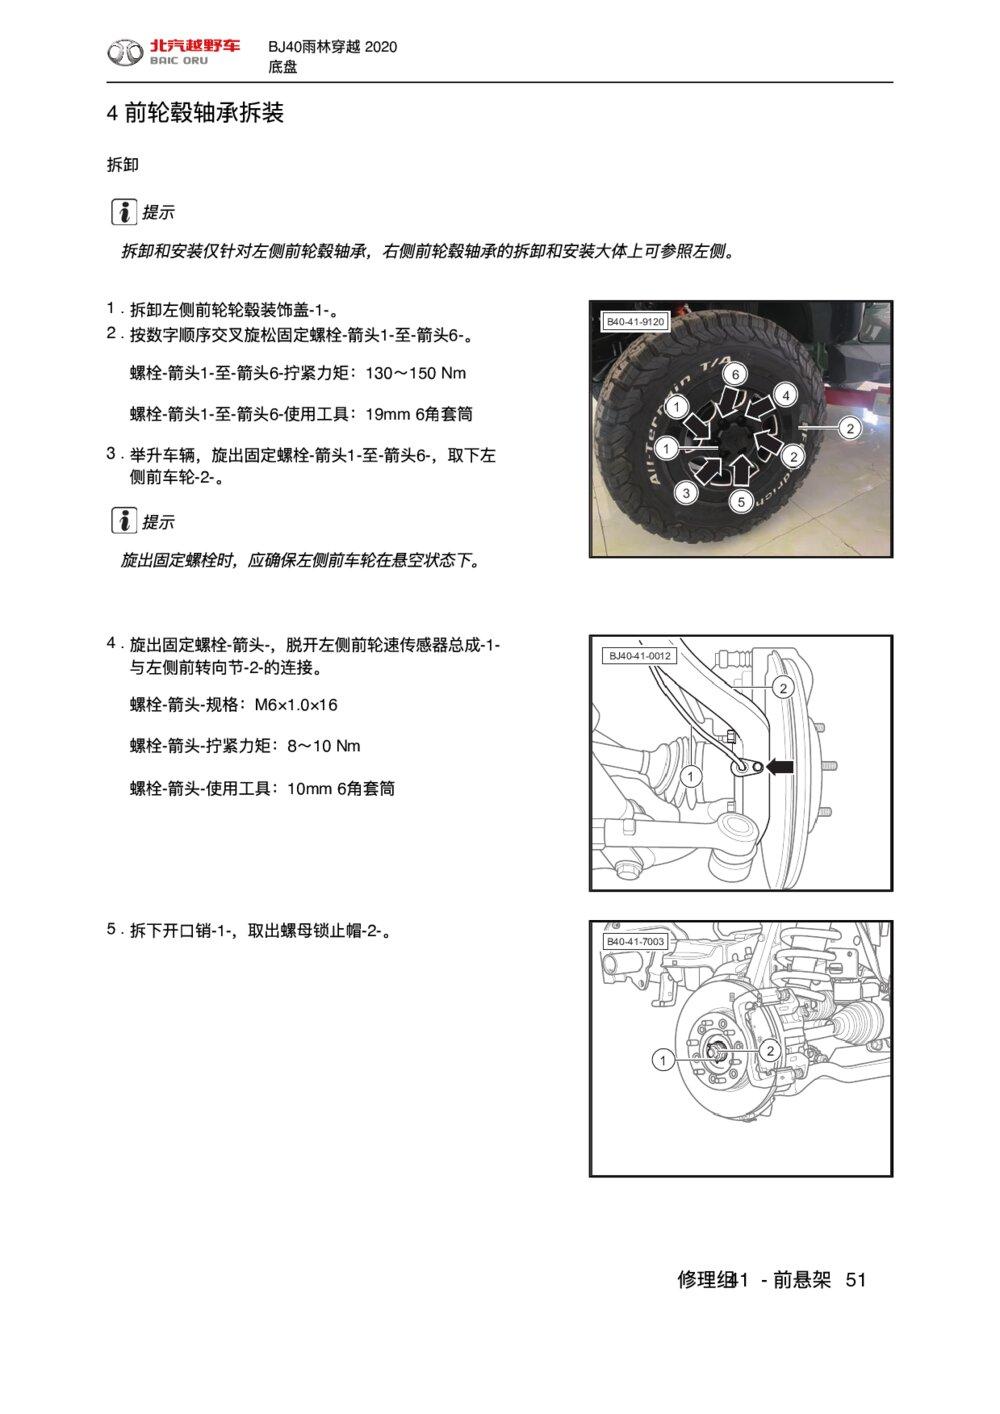 2020款北京BJ40前悬架前轮毂轴承拆装1